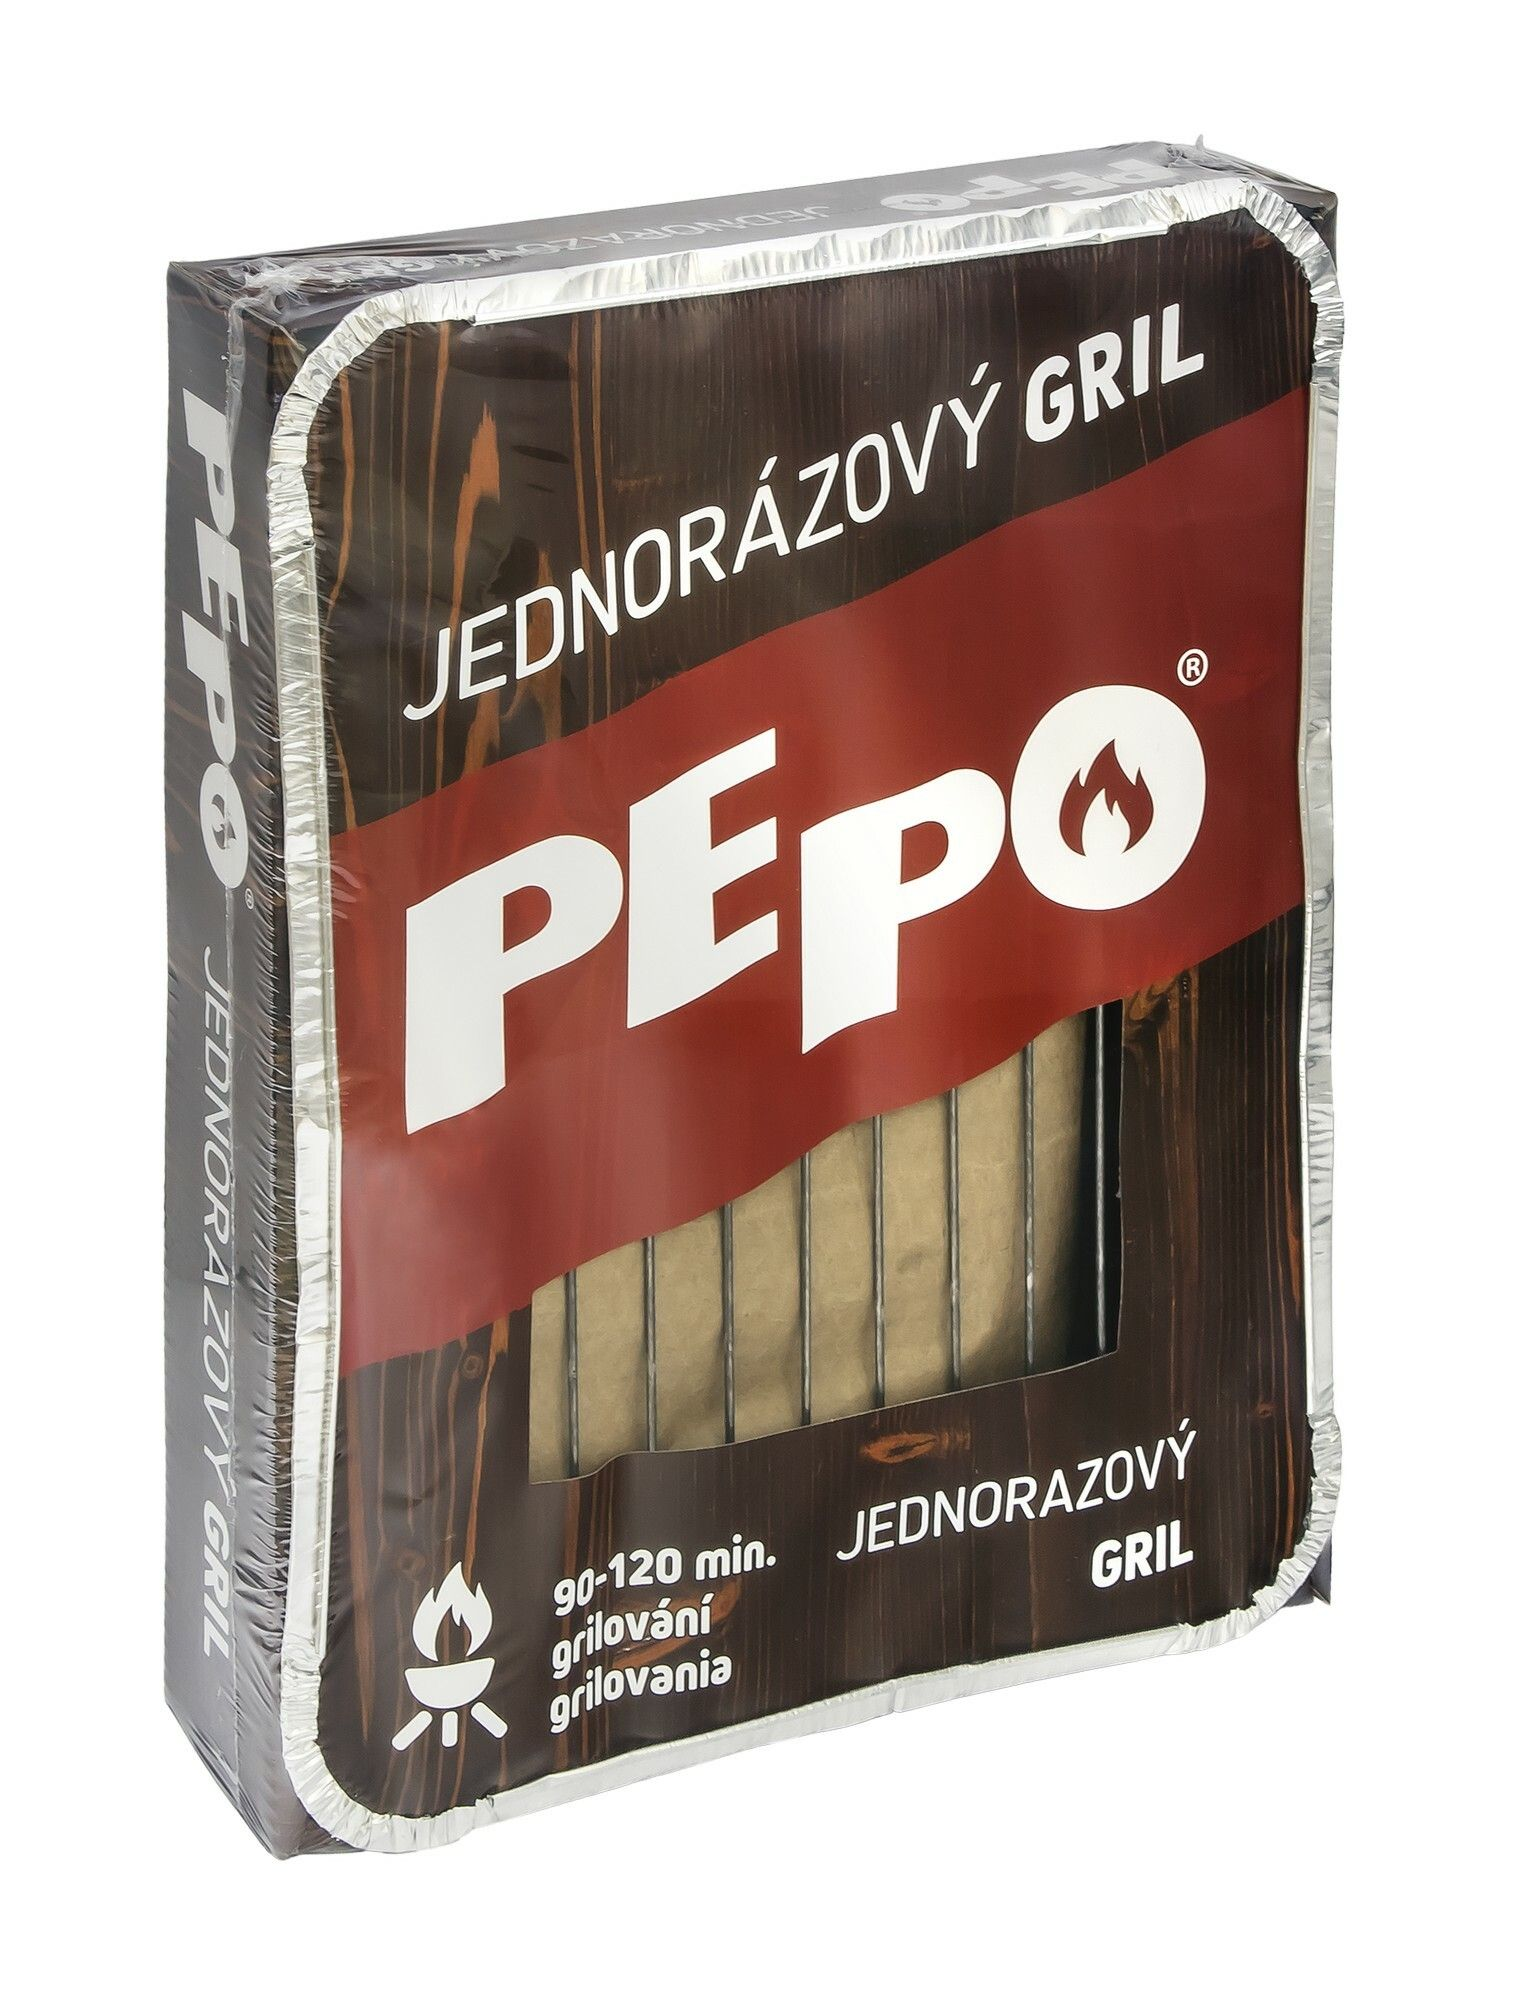 PE-PO jednorázový gril PEPO